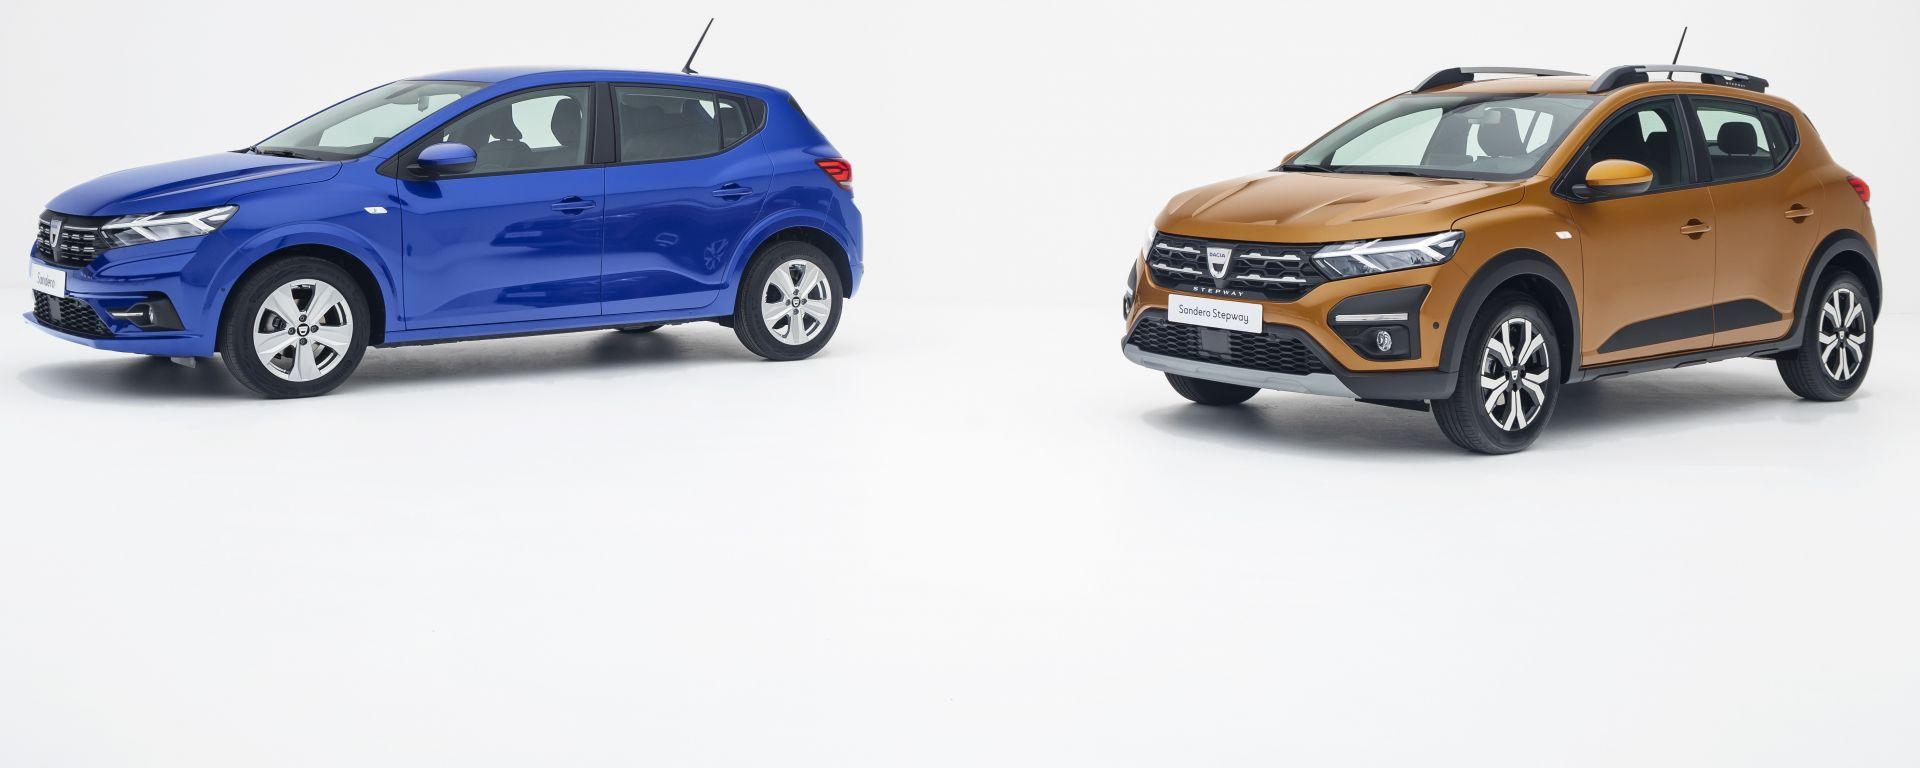 Nuove Dacia Sandero e Sandero Stepway (2021)